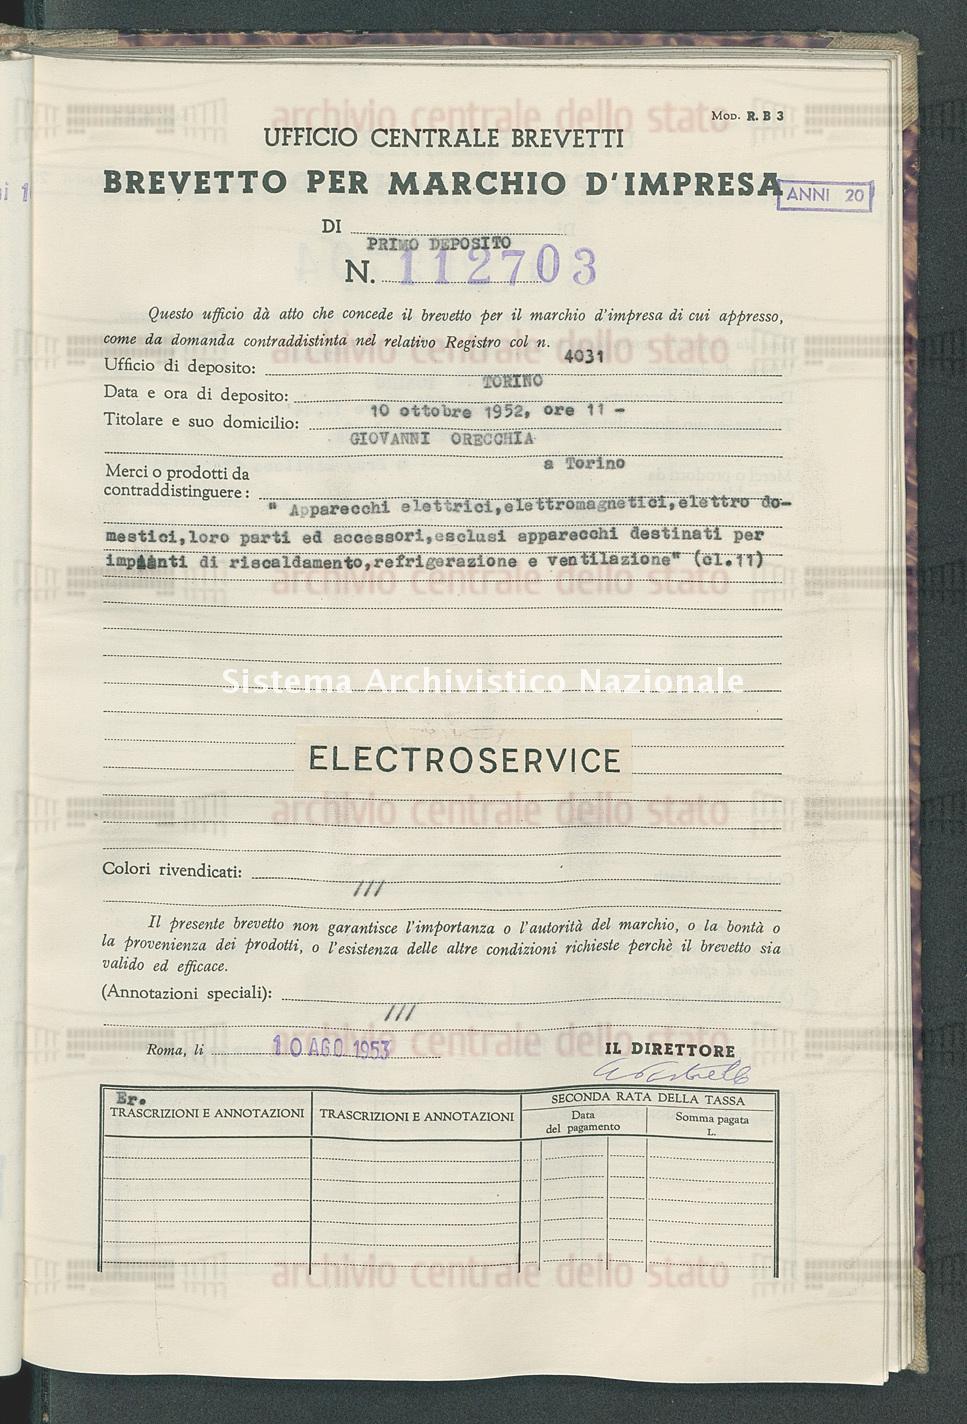 'Apparecchi elettrici, elettromagnetici, elettro domestici, ecc. Giovanni Orecchia (10/08/1953)